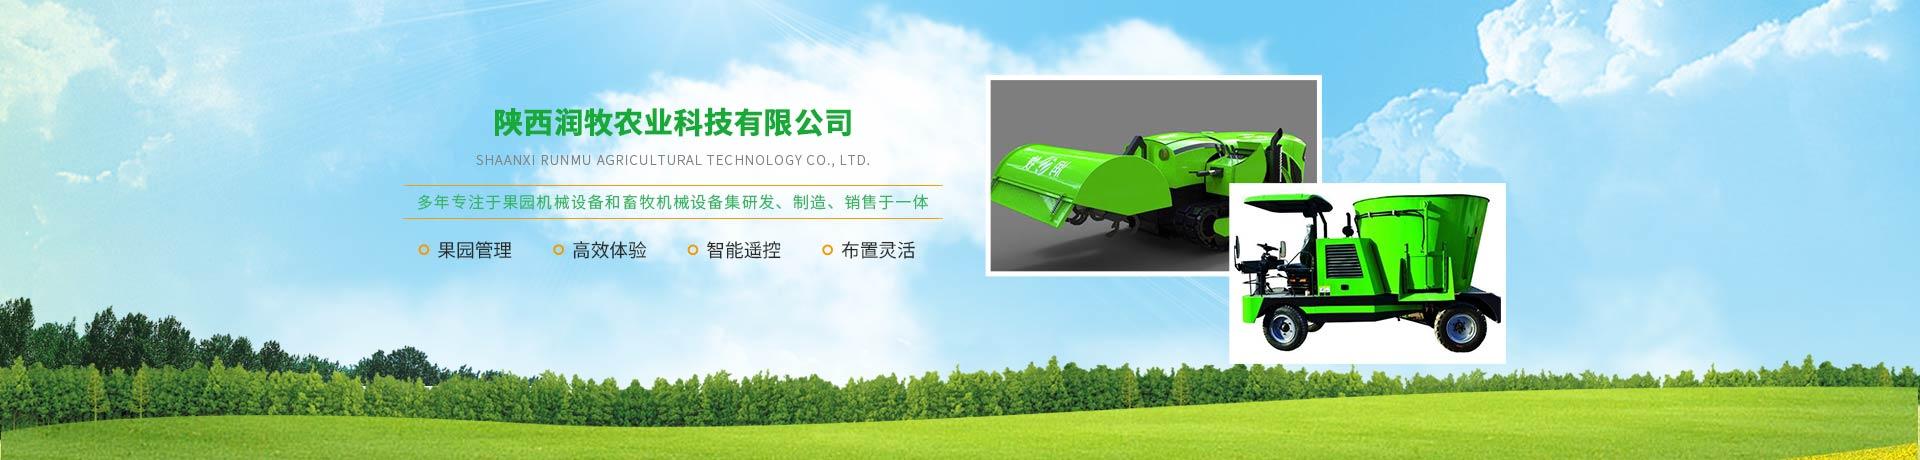 台灣畜牧機械